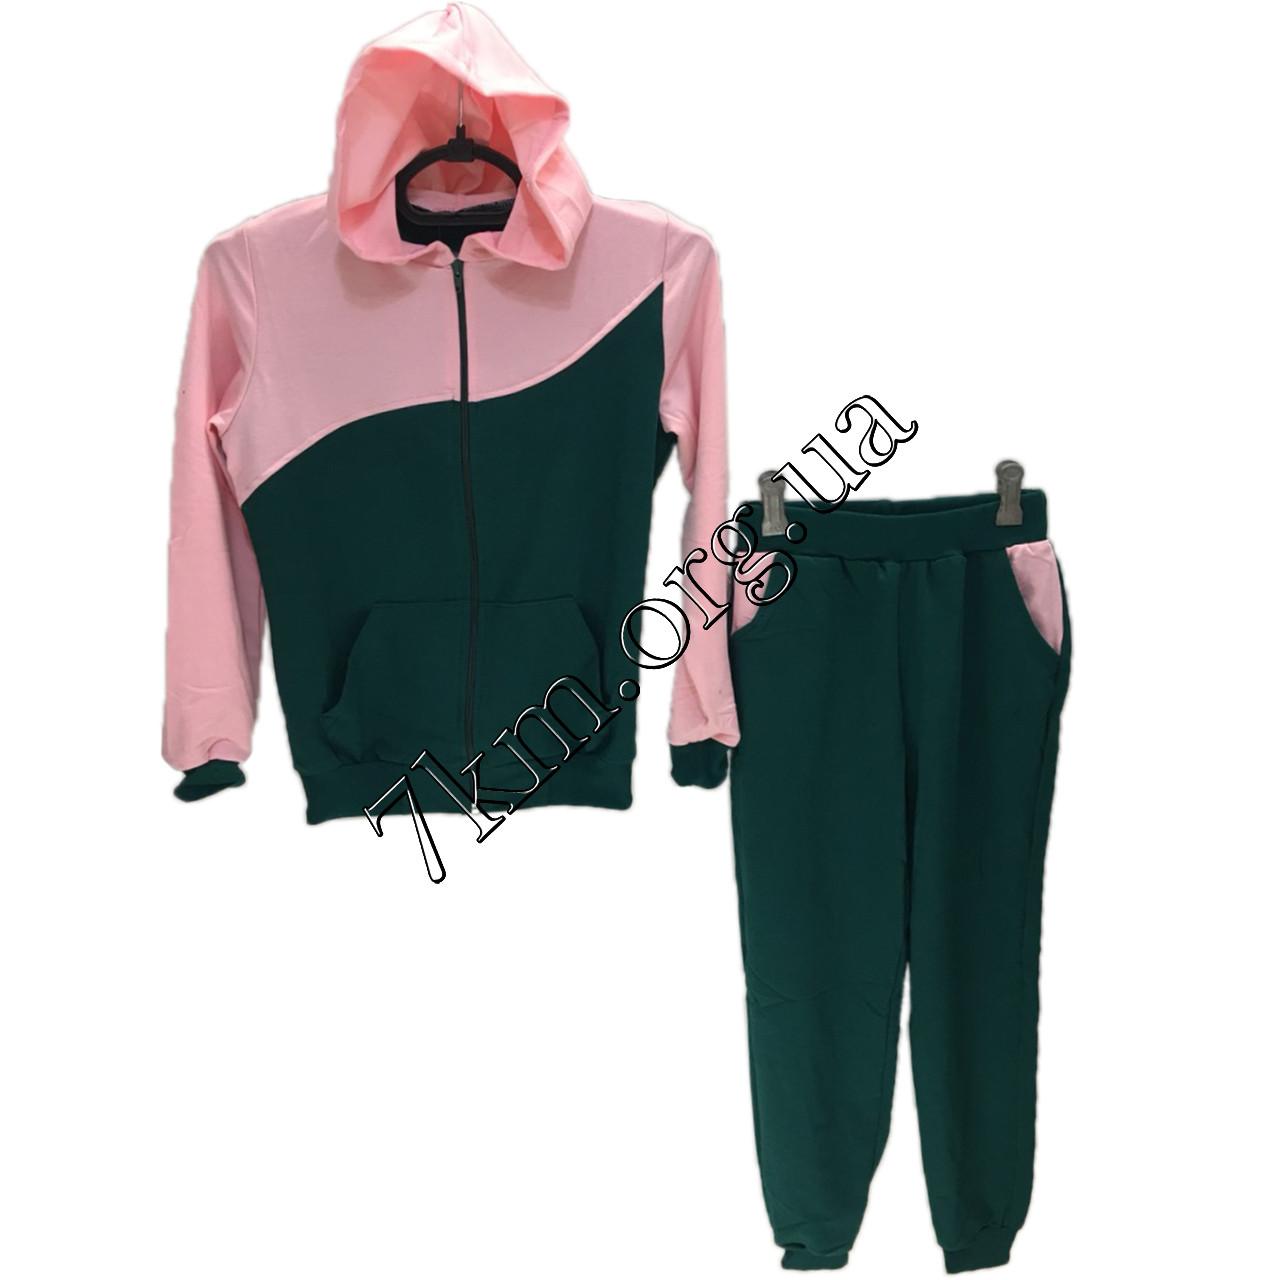 Спортивный костюм детский для девочек 6-12 лет Оптом 290604-5